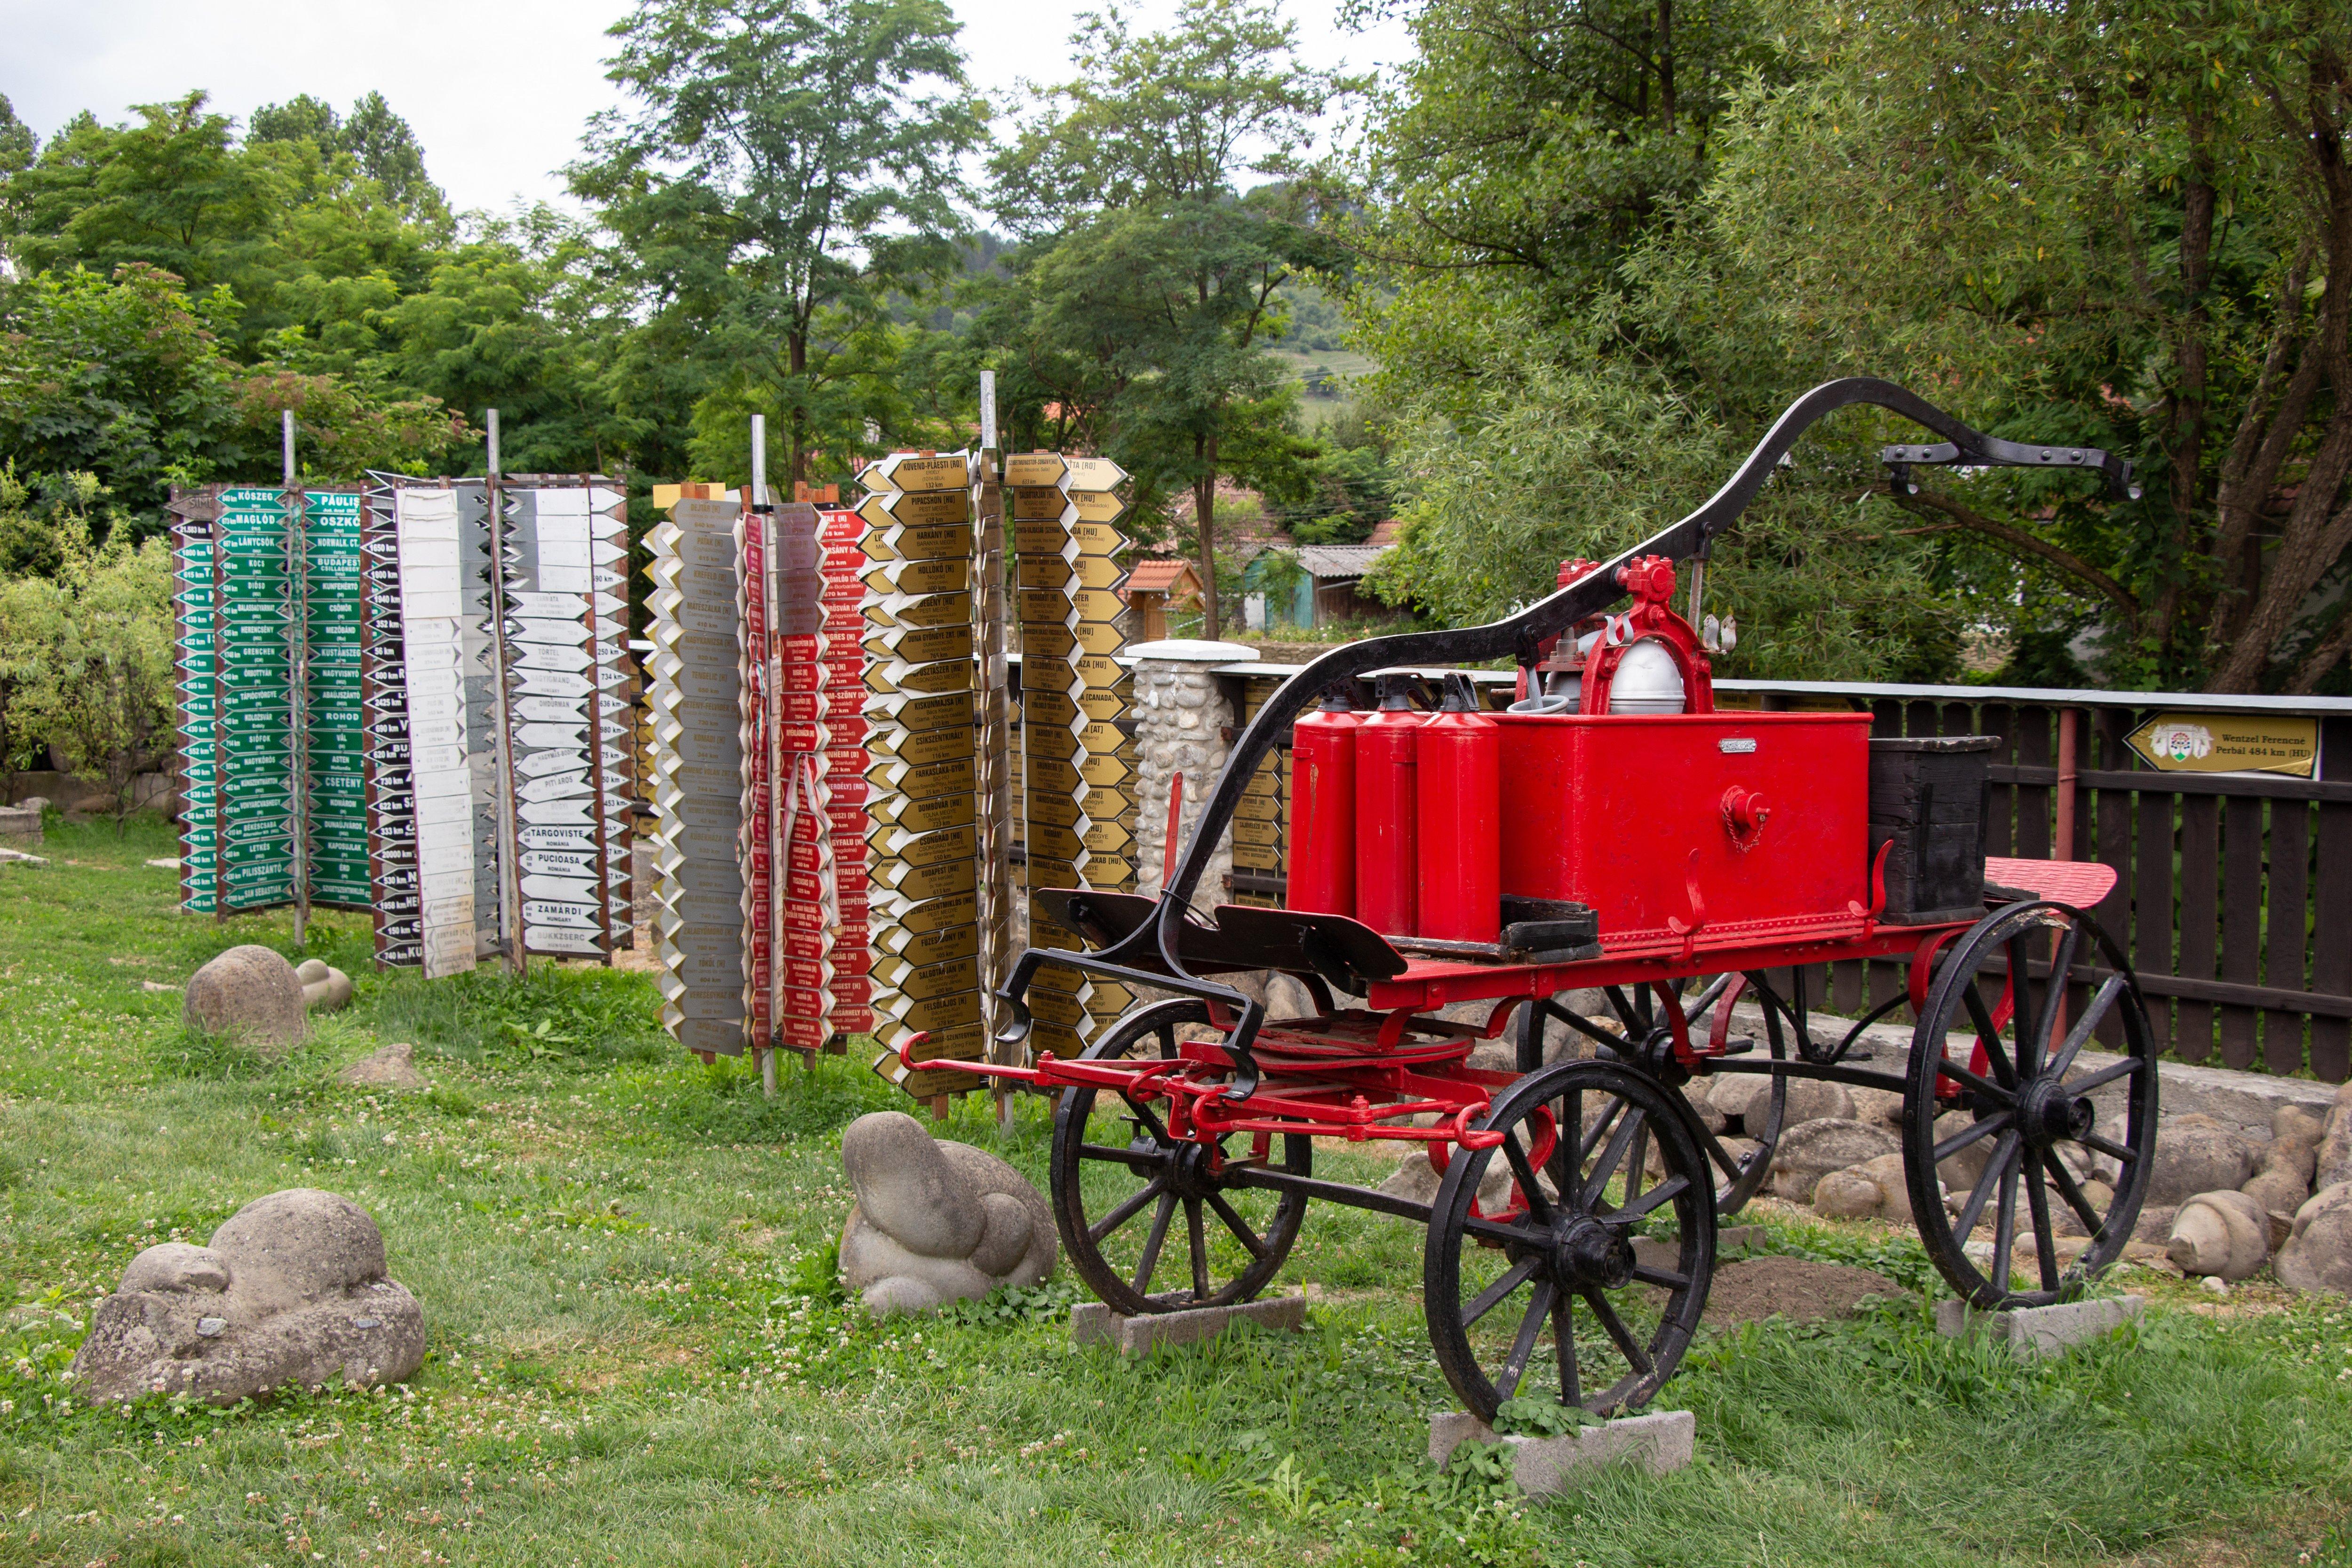 Tűzoltókocsi a Tarnóczy tűzoltószer és gépgyár részvény társaság gyártásában